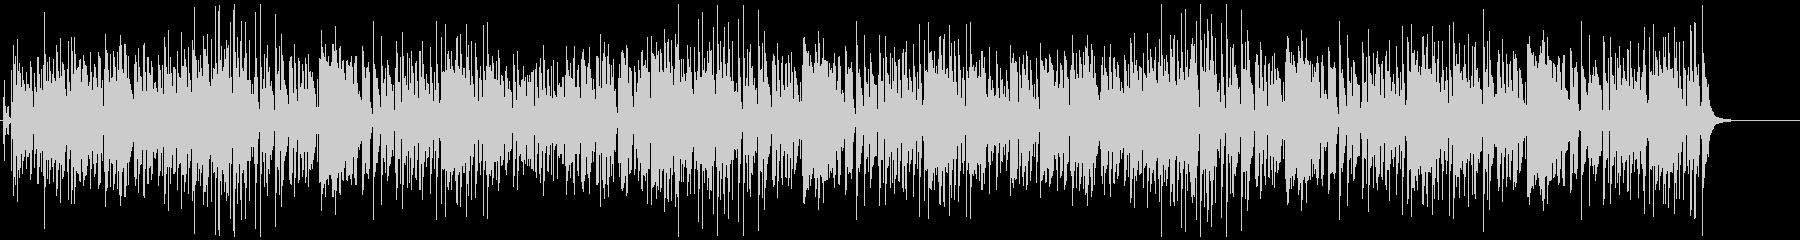 生演奏ジングルベルをスイングジャズカバーの未再生の波形